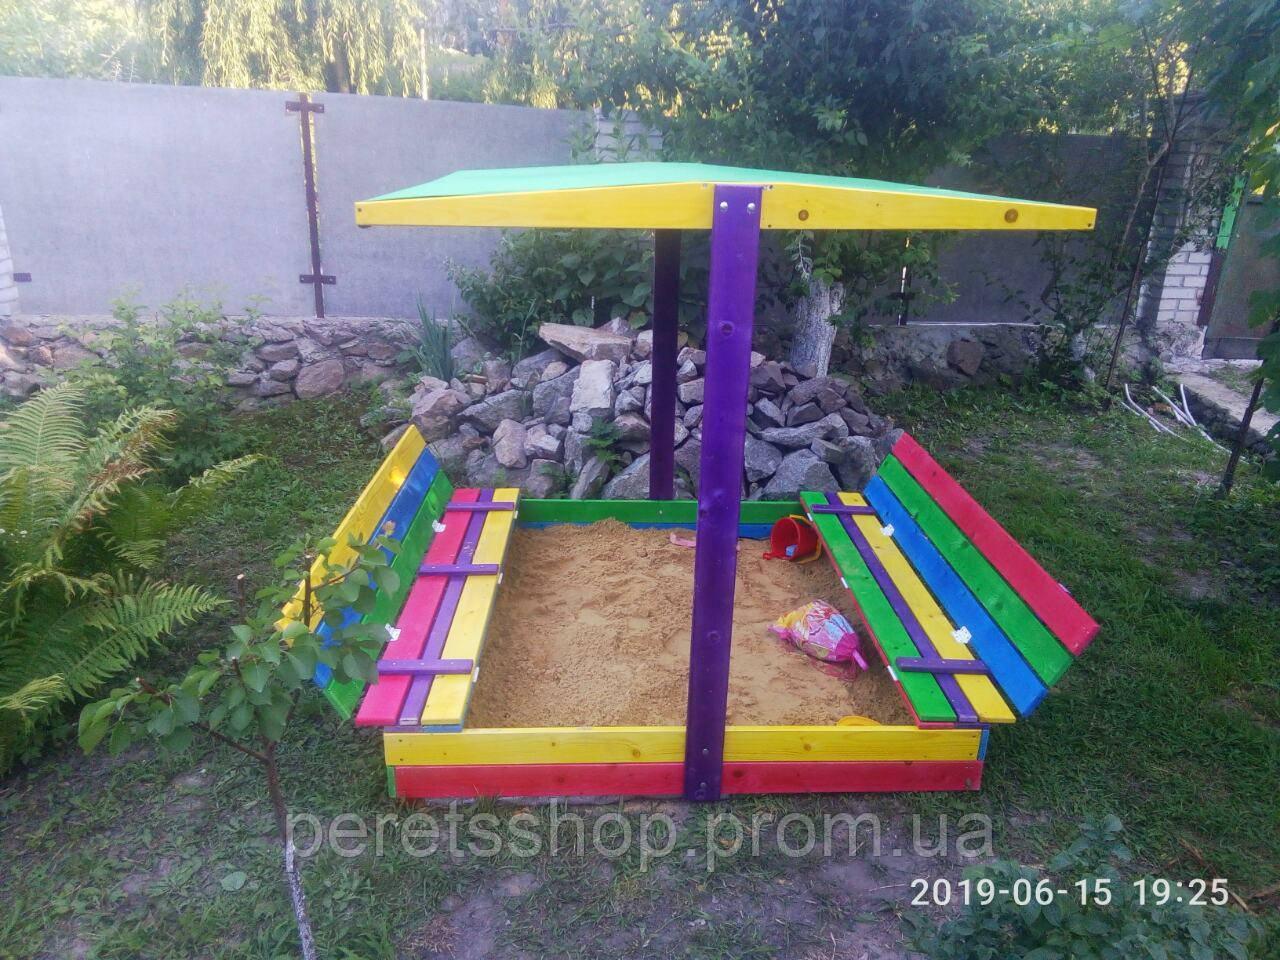 Песочница детская 150*150см + скамейки +крыша Цена 2650грн +Подарок